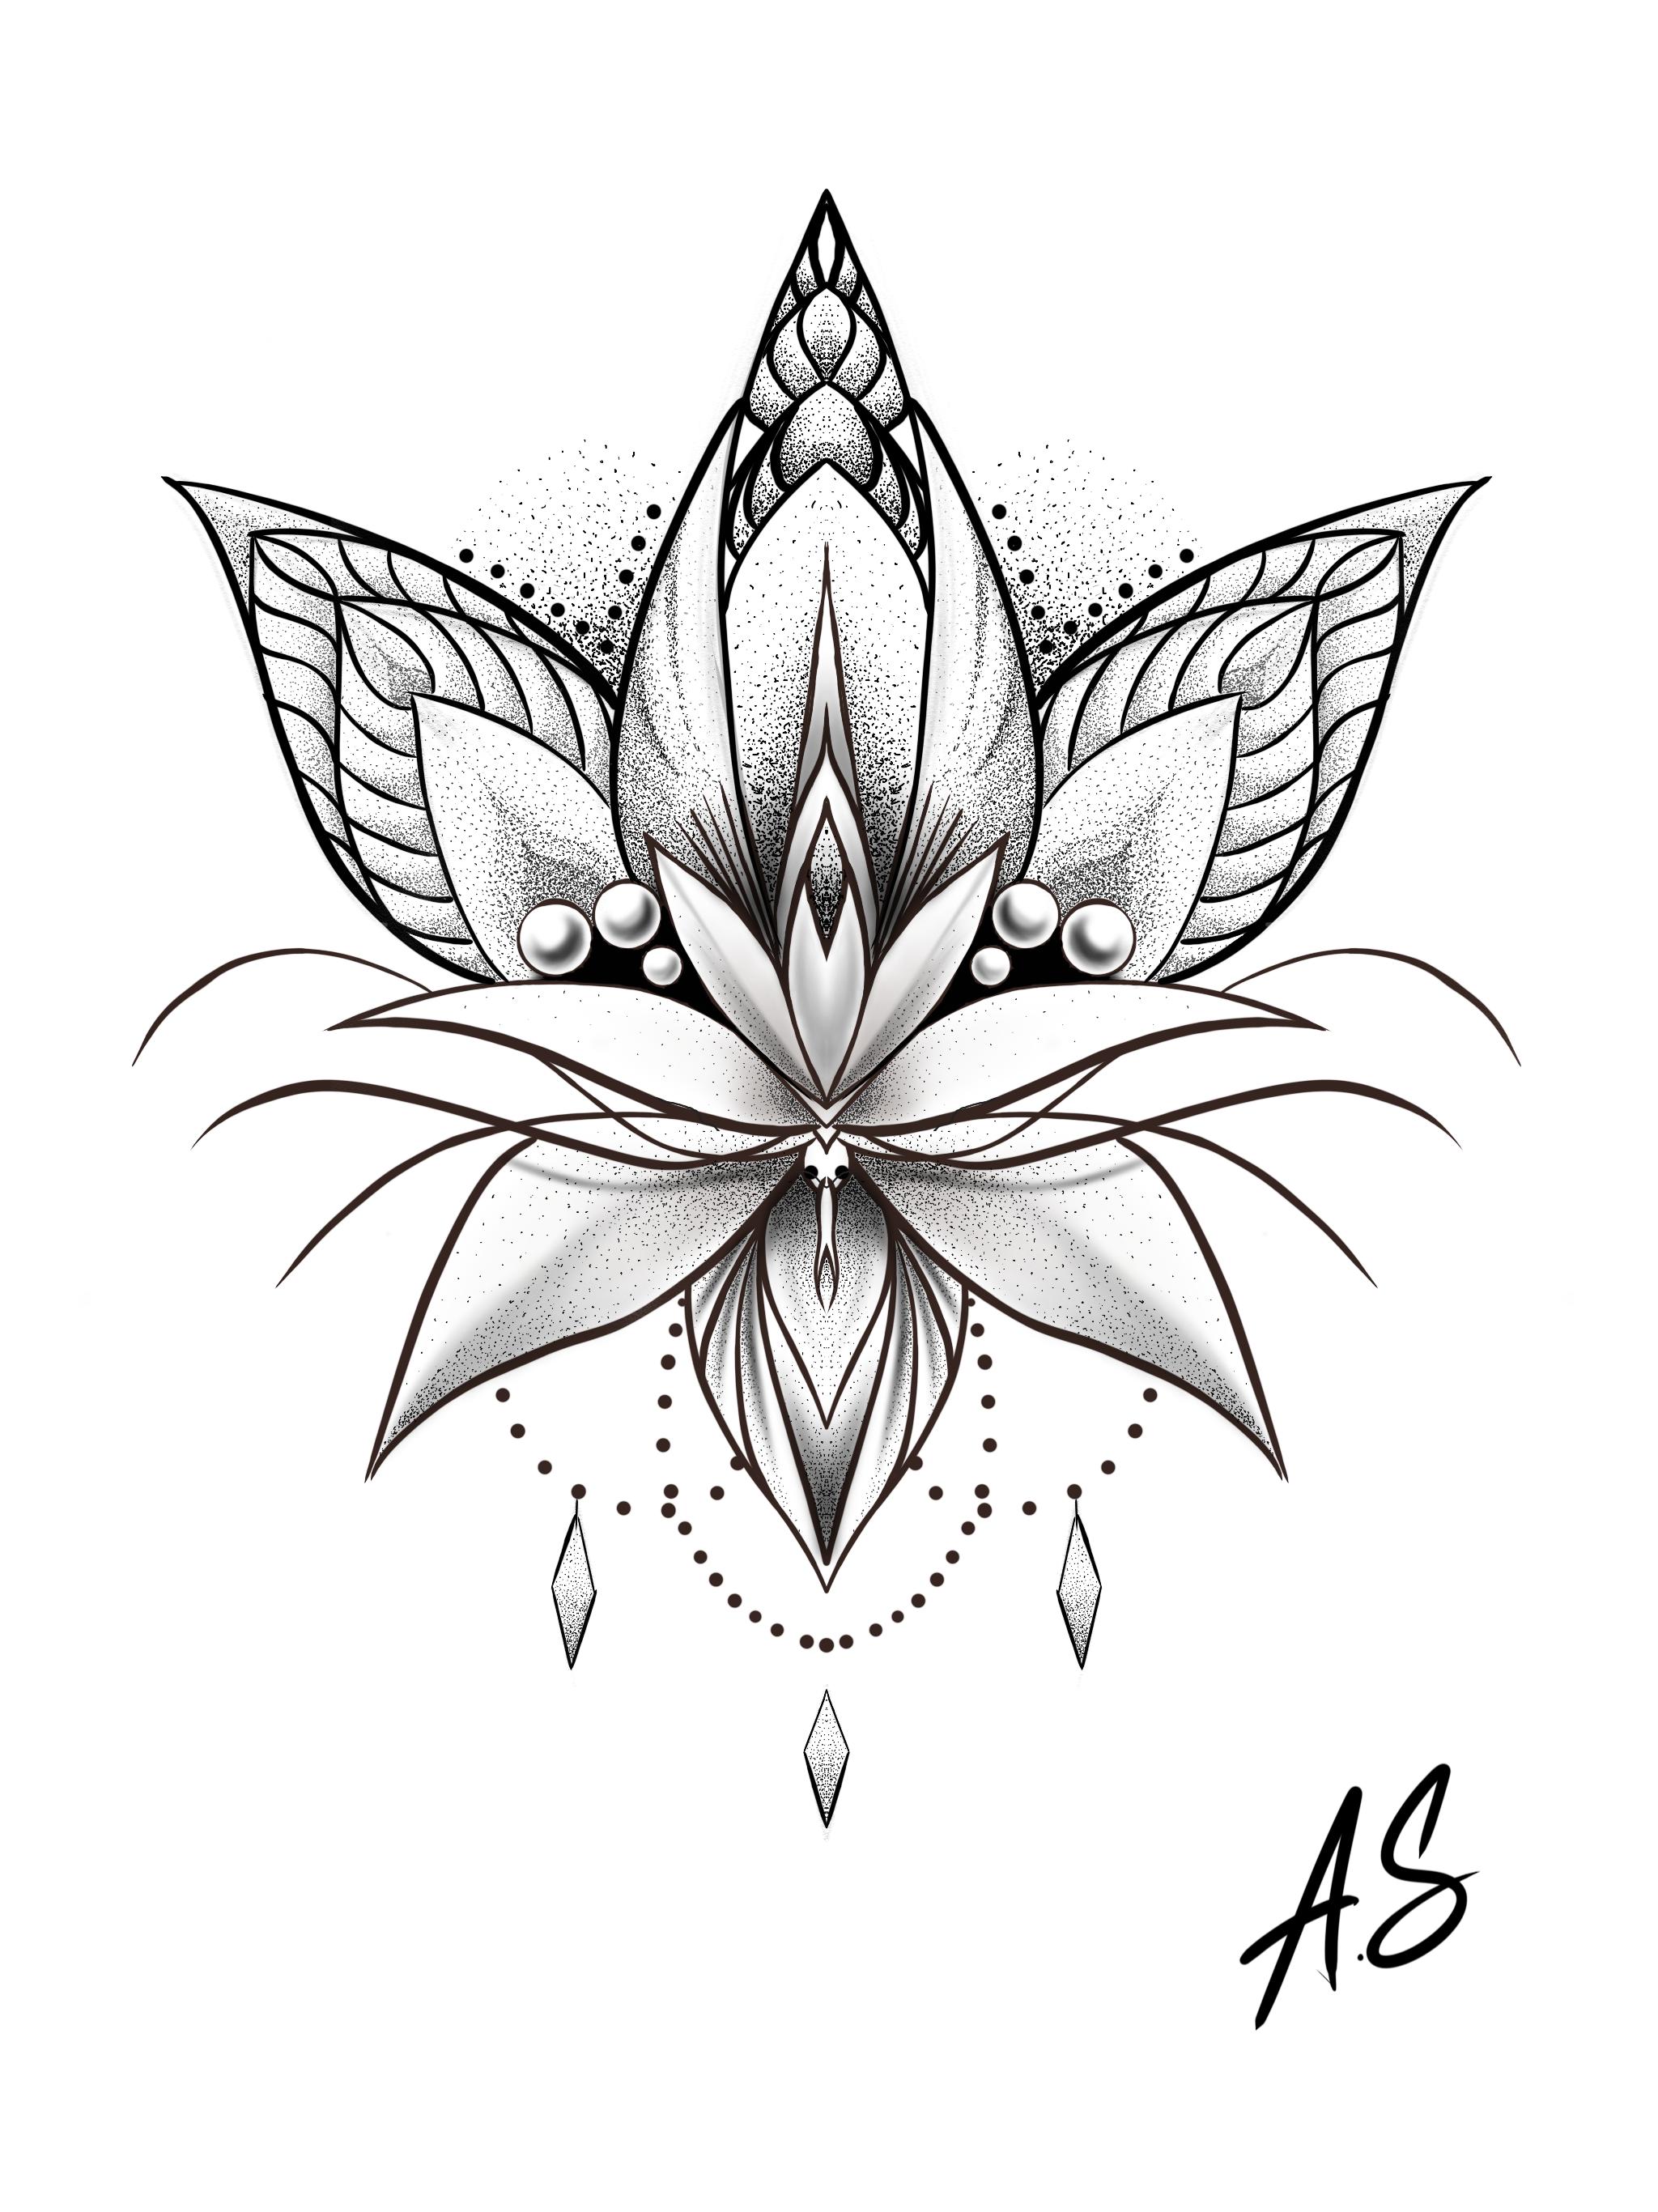 травы лотос цветок рисунок тату зрачок голубым